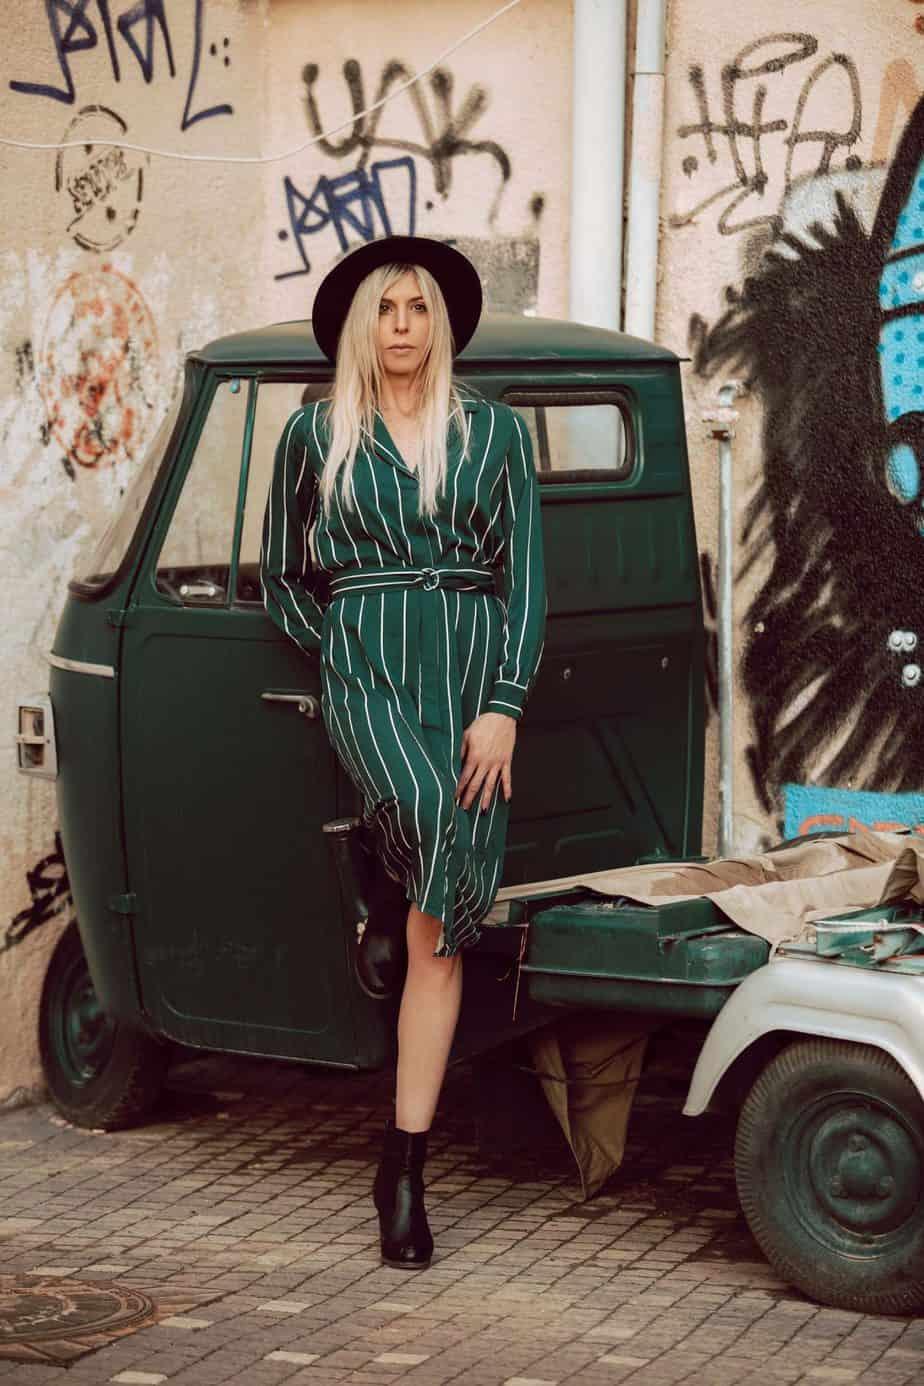 שמלה: H&M, כובע: מנגו. צילום: שלומית איציק - Fashion Israel - מגזין אופנה